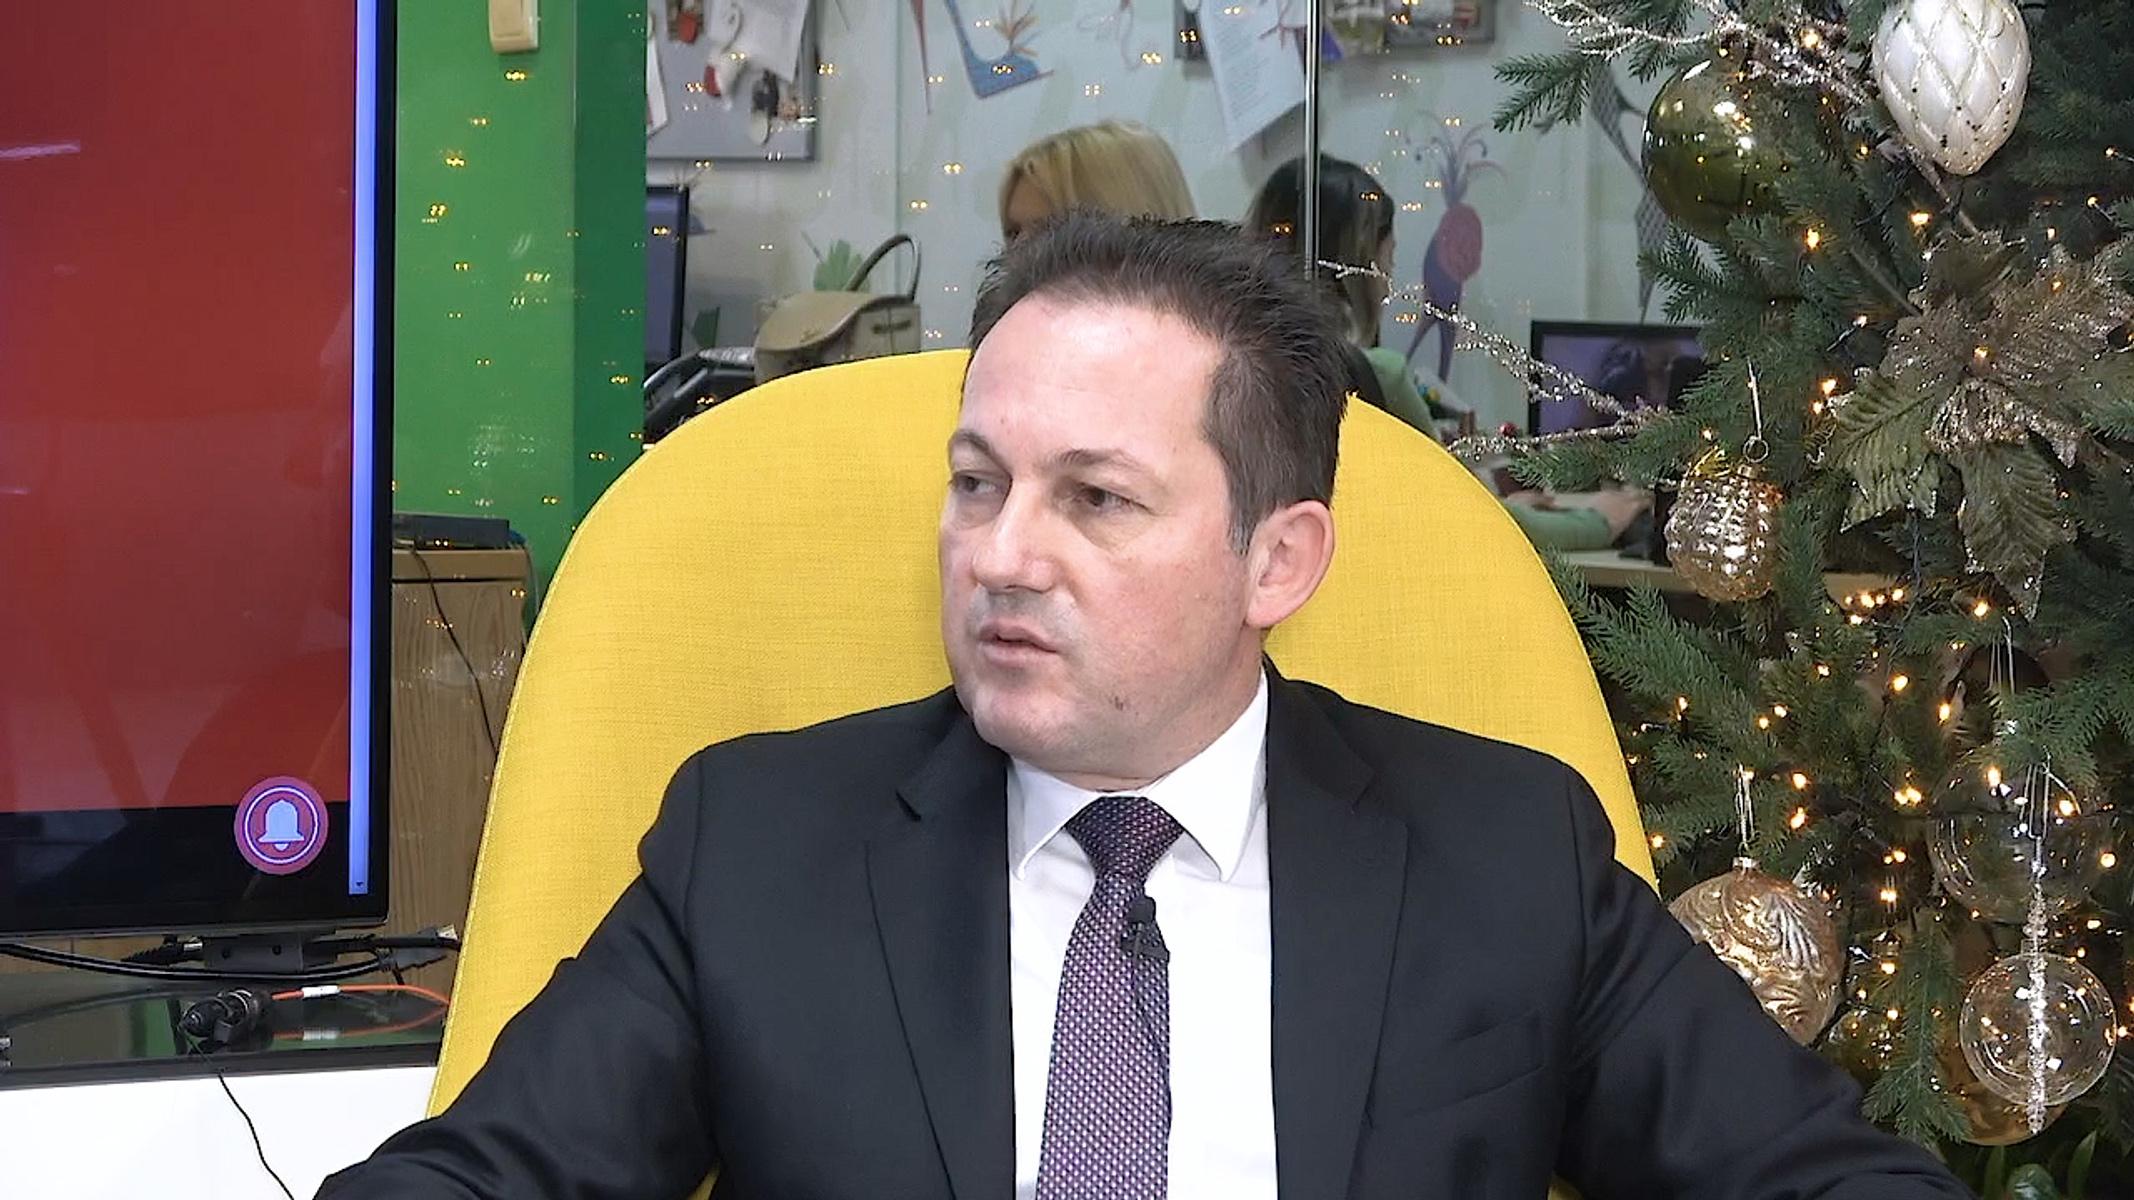 Στέλιος Πέτσας στο newsit.gr: Μέρισμα σε περισσότερους δικαιούχους και μειώσεις φόρων